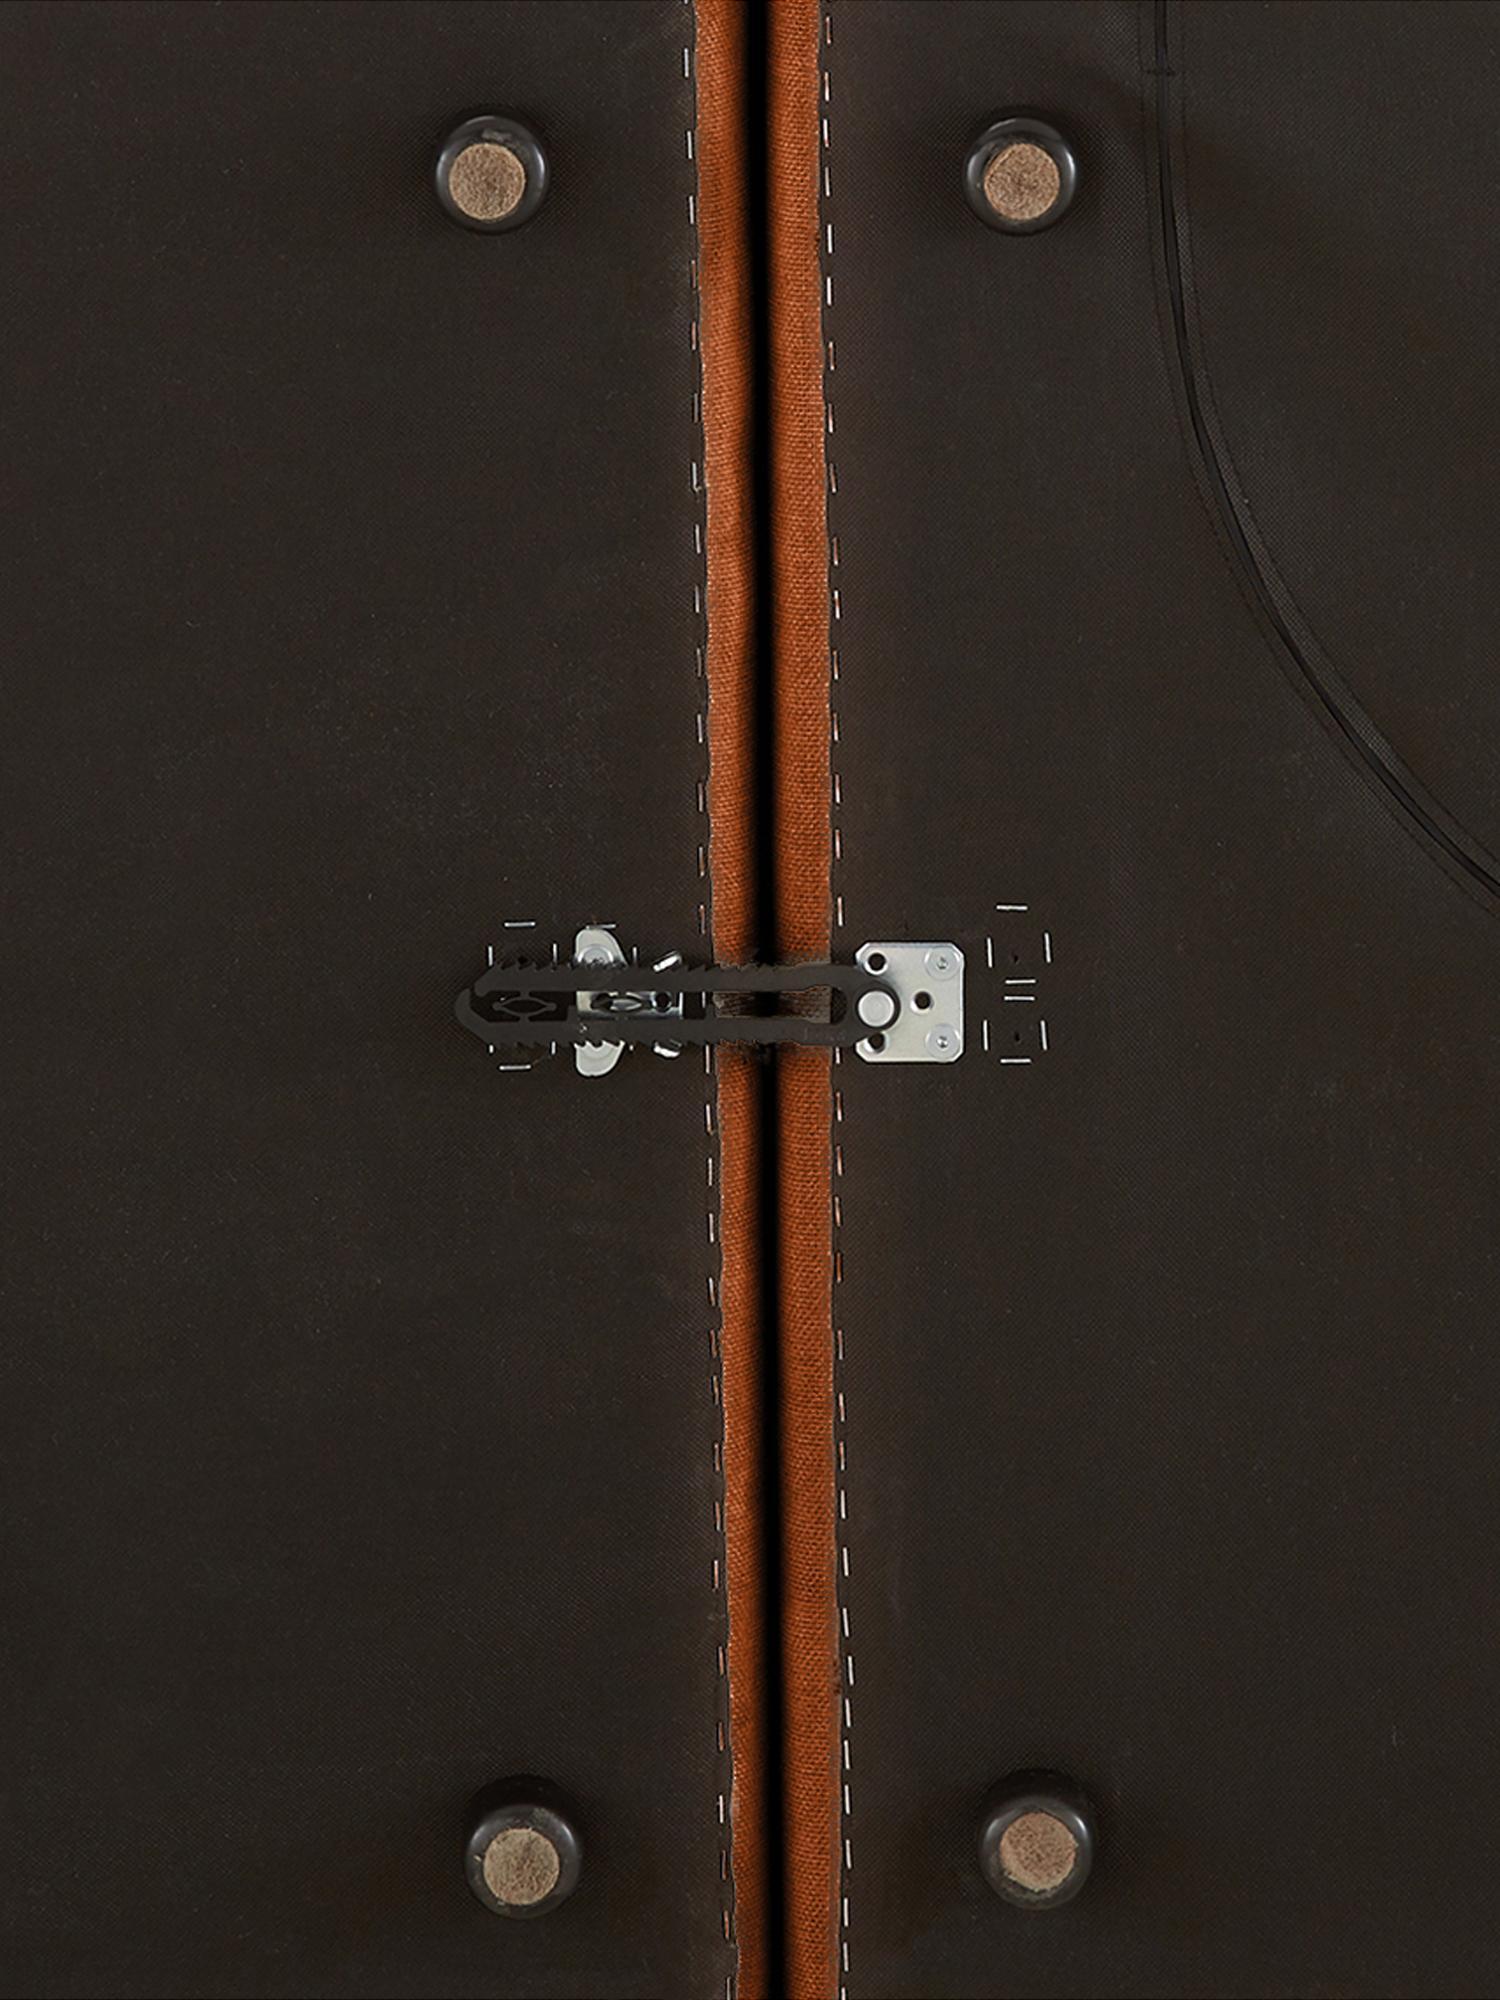 Divano angolare componibile in tessuto color terracotta Lennon, Rivestimento: poliestere 35.000 cicli d, Struttura: legno di pino massiccio, , Piedini: materiale sintetico, Tessuto color terracotta, Larg. 326 x Prof. 207 cm